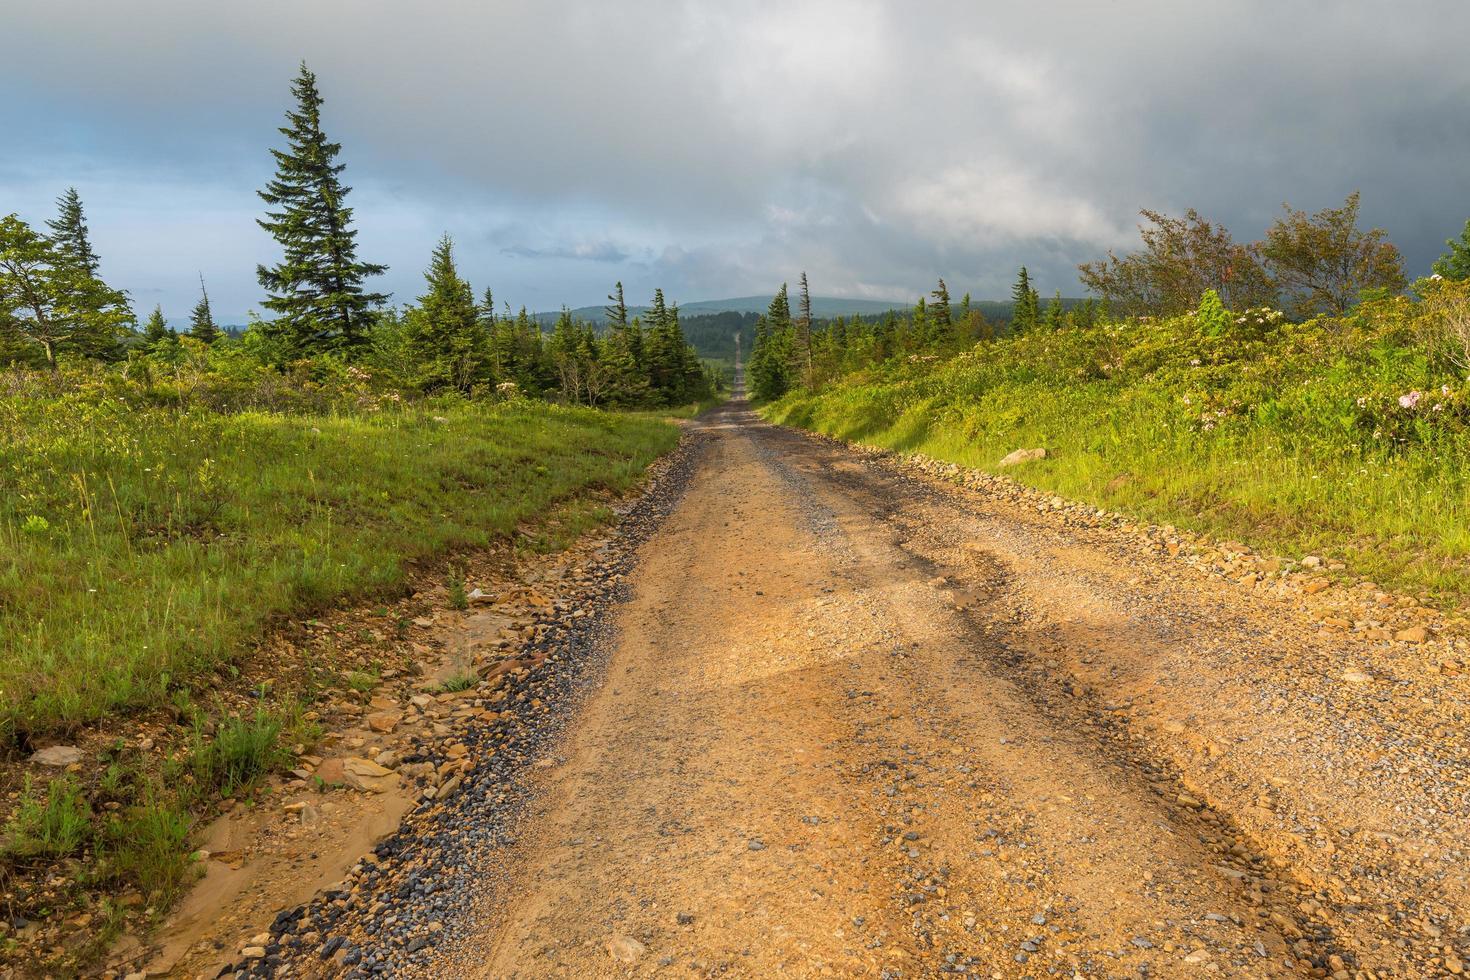 strada sterrata e ghiaia attraverso un bosco foto